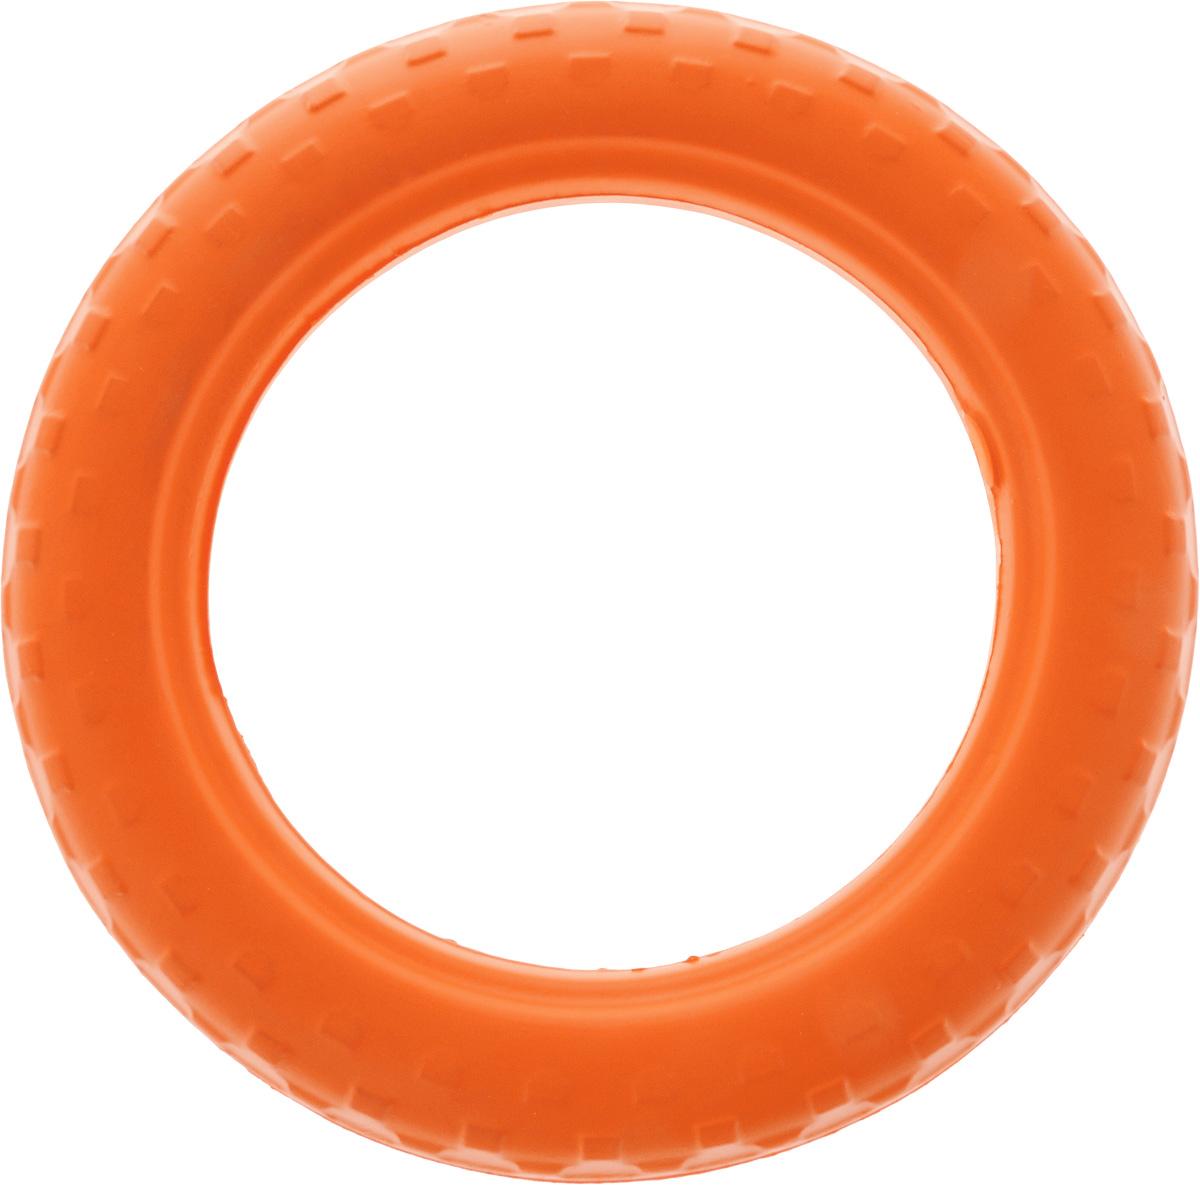 Игрушка для животных Doglike Шинка для колеса. Средняя, цвет: оранжевый, диаметр 27 смDH 7514Doglike Шинка для колеса. Средняя - простая и незамысловатая игрушка для собак, которая способна решить многие проблемы здоровья вашего четвероногого любимца. Если ваш пес портит мебель, излишне агрессивен, непослушен или страдает излишним весом то, скорее всего, корень всех бед кроется в недостаточной физической и эмоциональной нагрузке. Порадуйте своего питомца прекрасным и качественным подарком.Диаметр игрушки: 27 см.